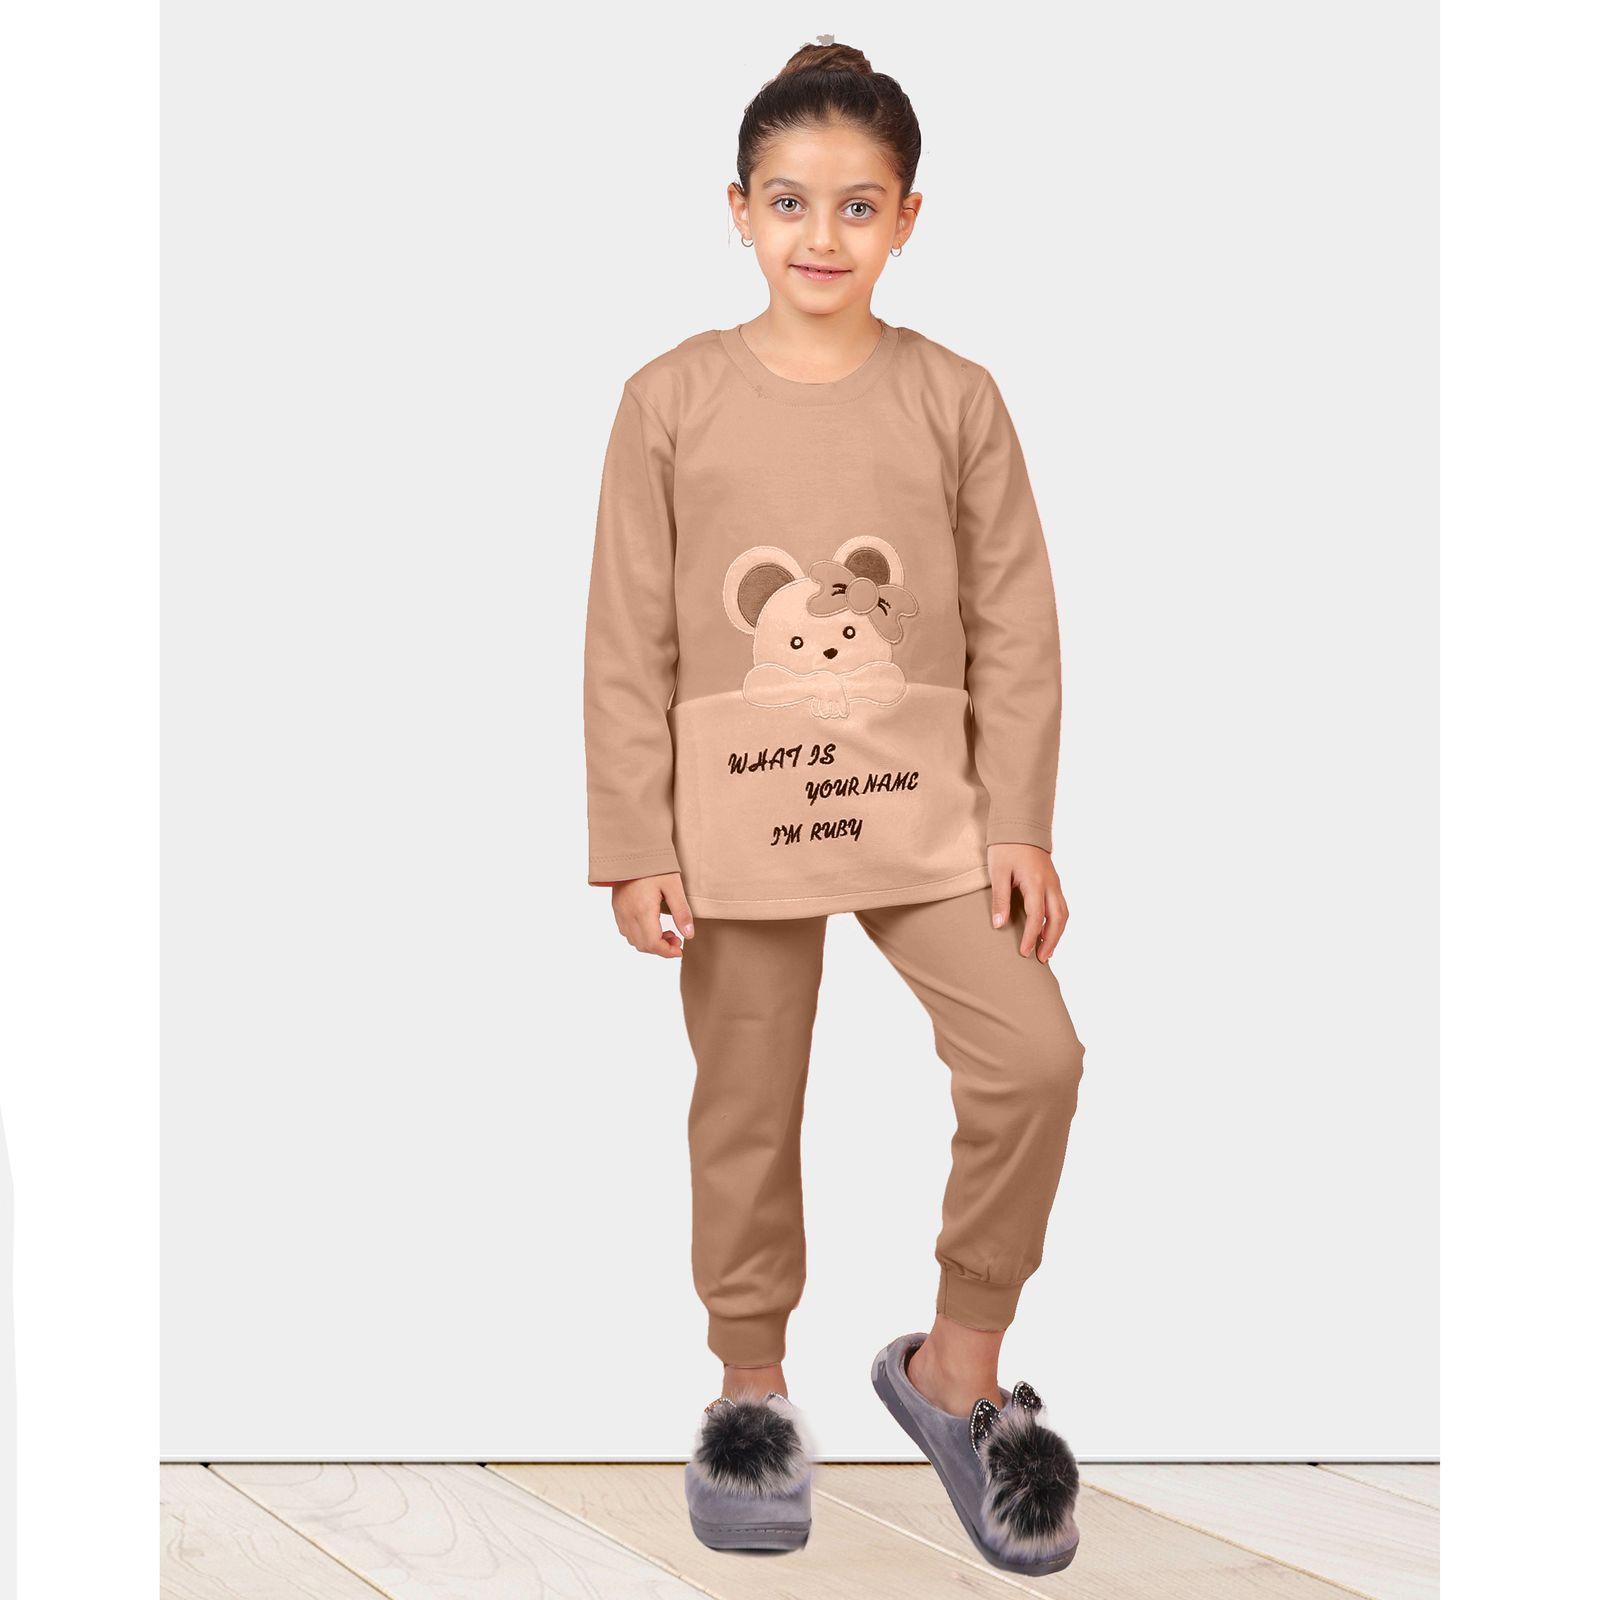 ست تی شرت و شلوار دخترانه مادر مدل 301-80 main 1 11